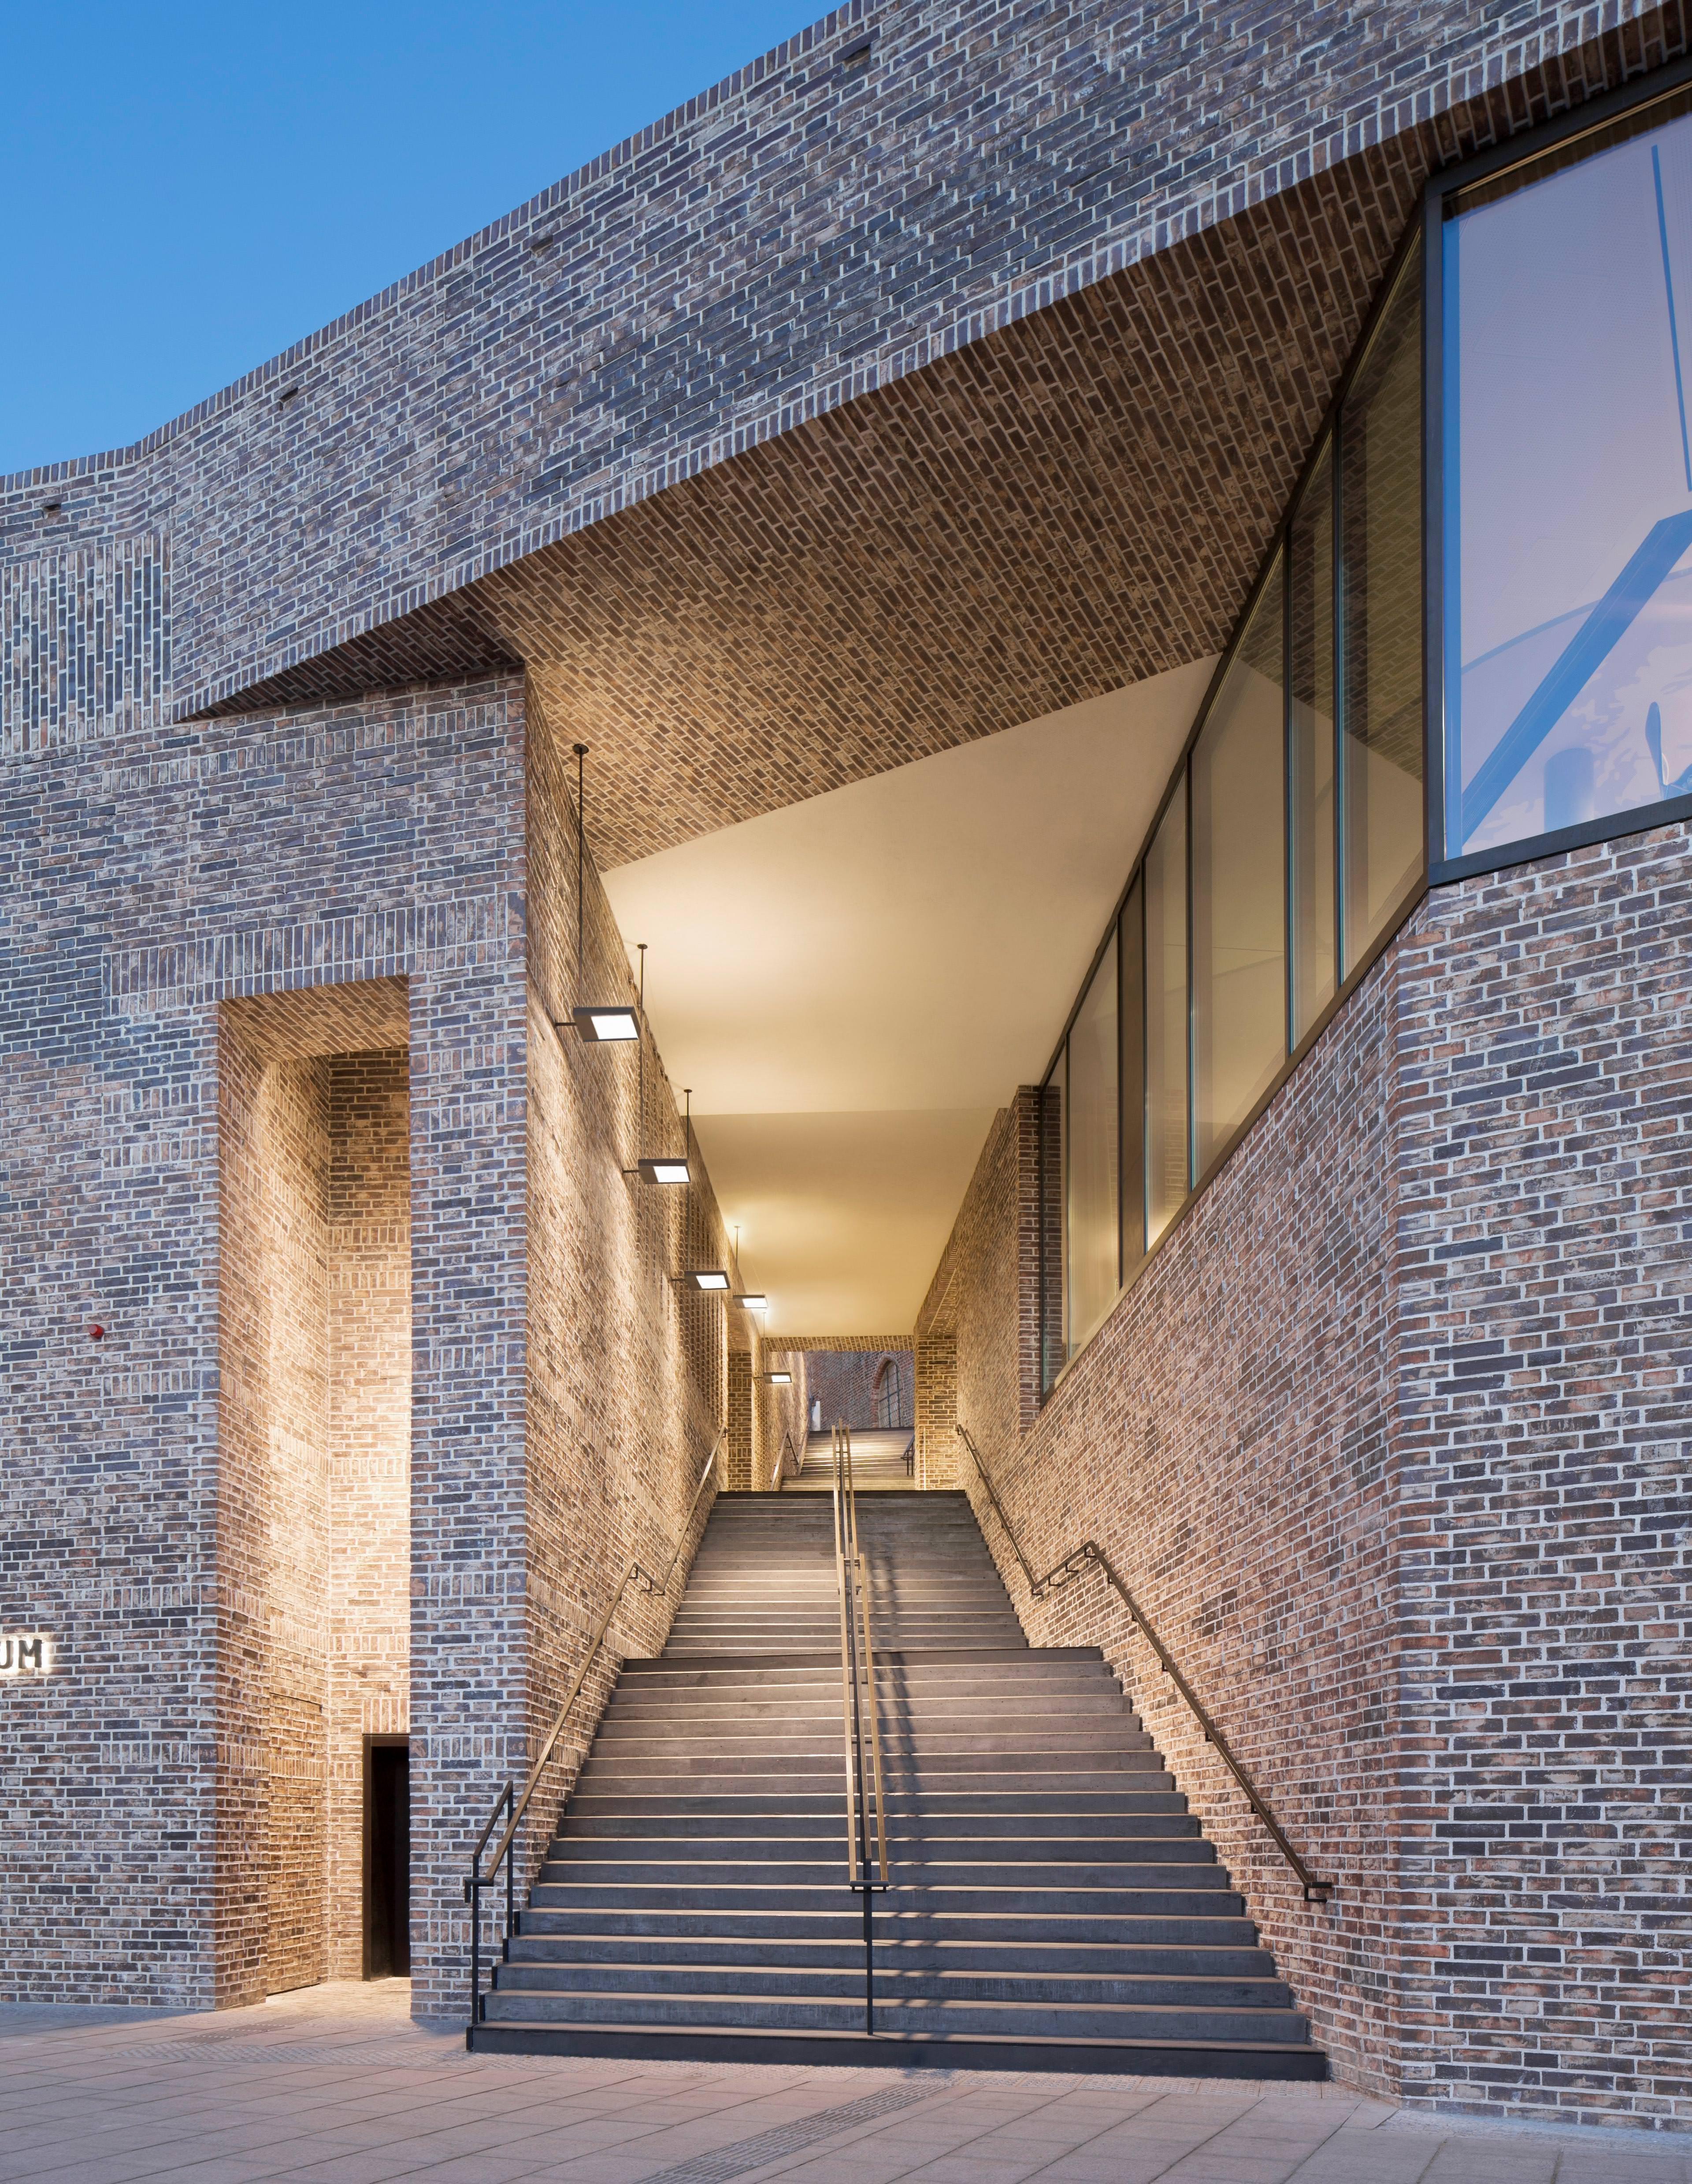 Architekten In Lübeck dam preis für architektur in deutschland 2017 geht nach hamburg bzw